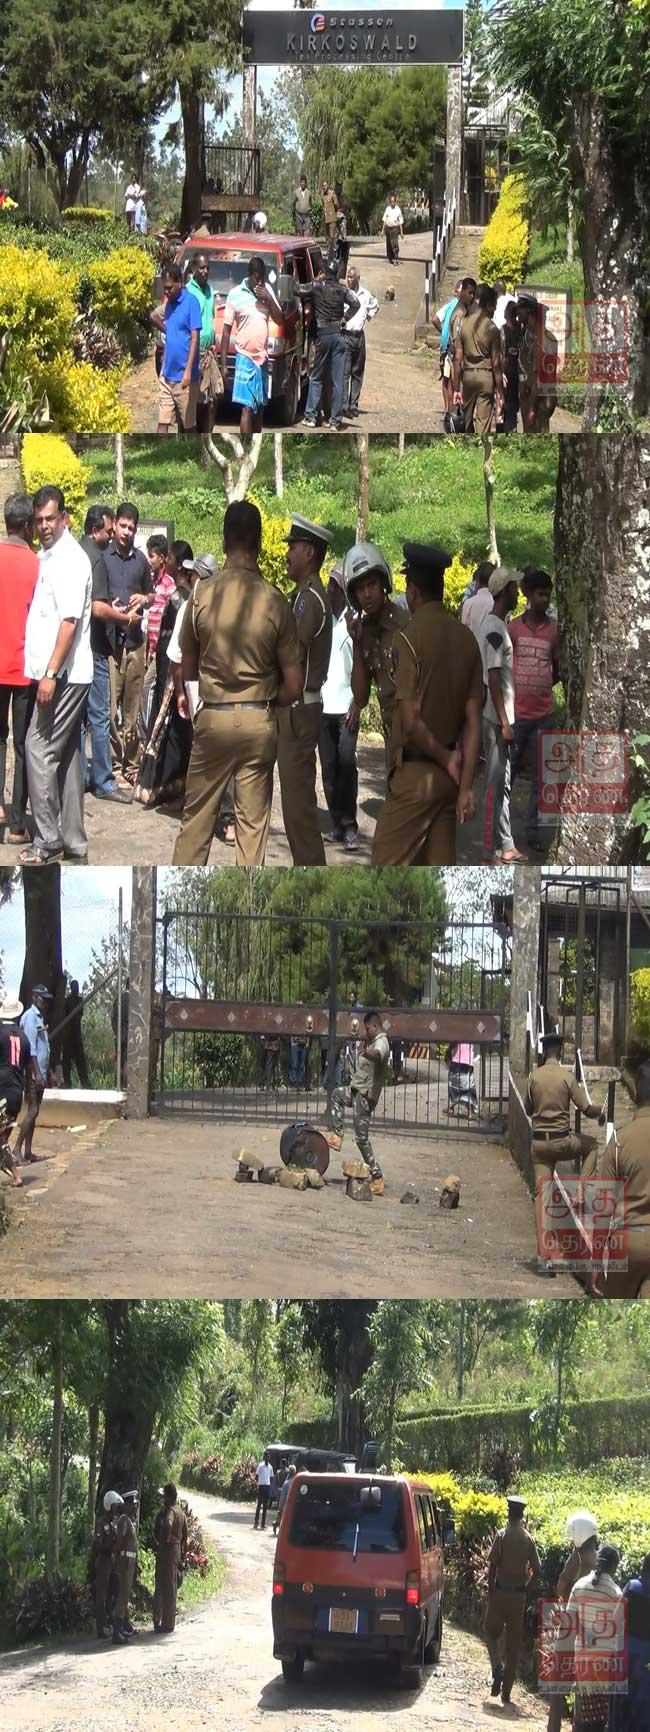 1000 ரூபா அடிப்படை சம்பளத்தை வலியுறுத்தி ஆர்ப்பாட்டம்